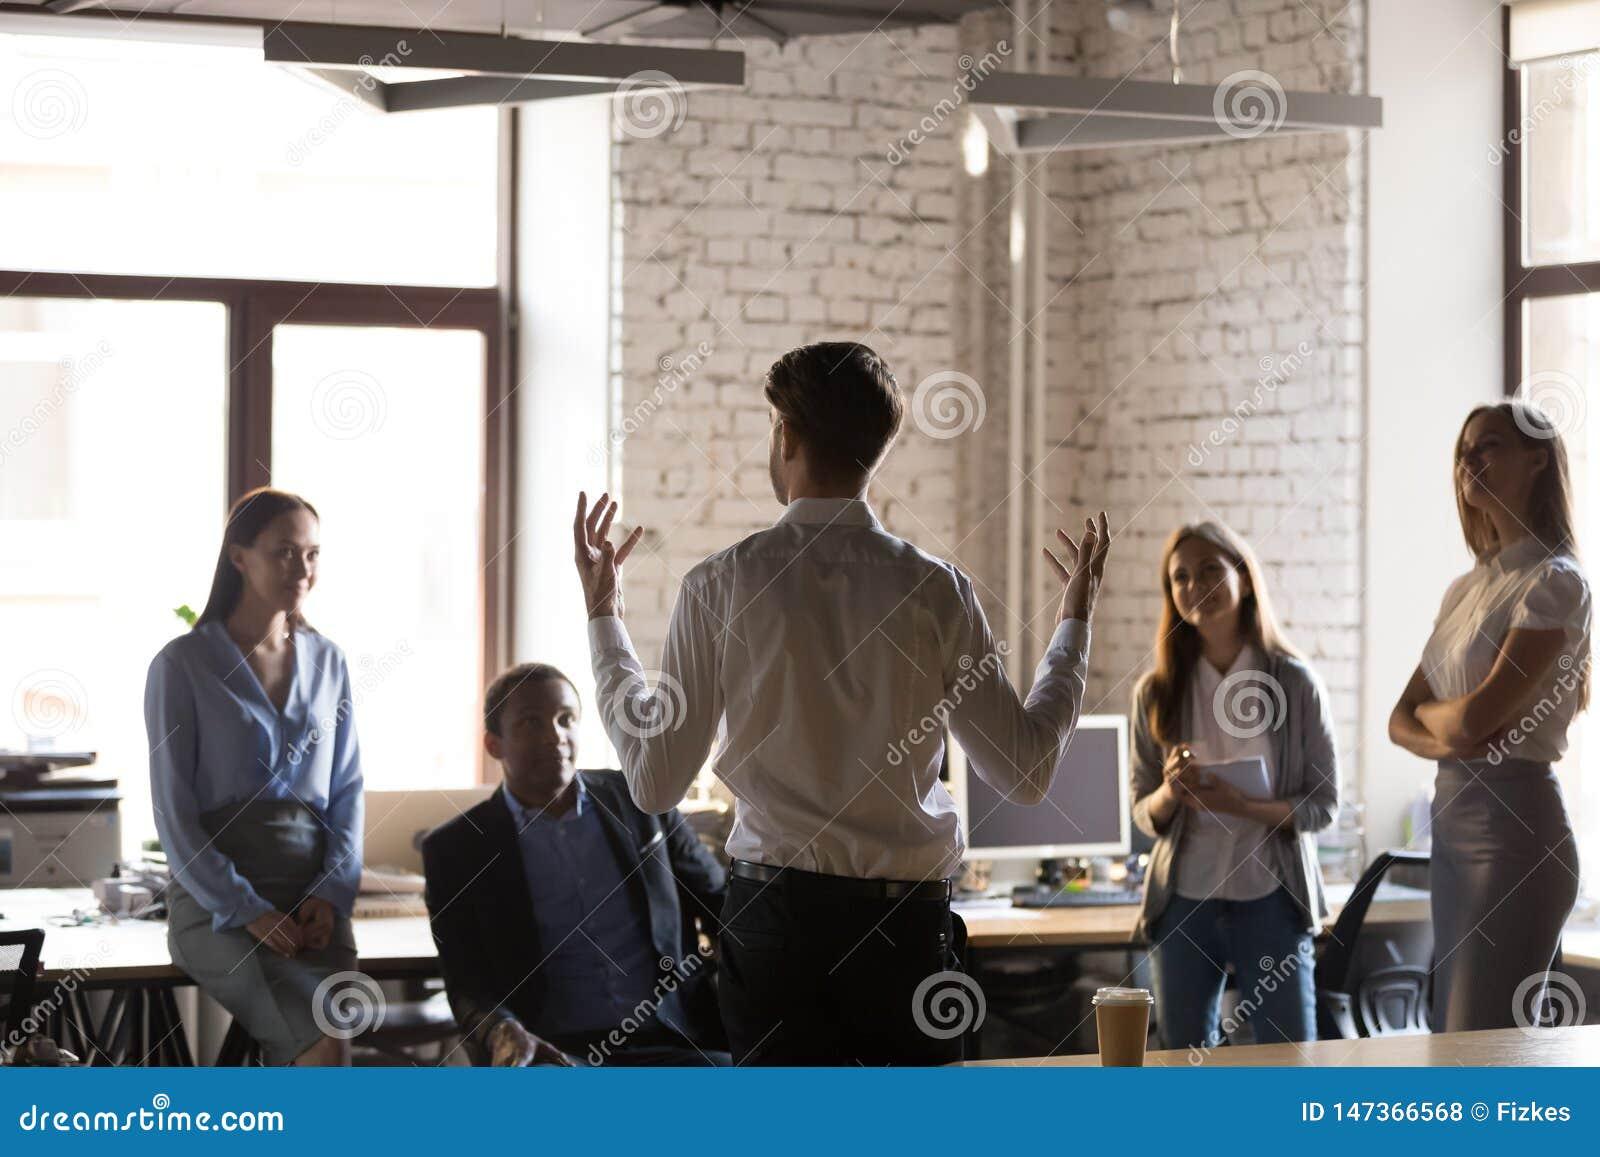 Διαφορετικός ακούοντας αρχηγός ομάδας υπαλλήλων κατά τη διάρκεια της ενημέρωσης